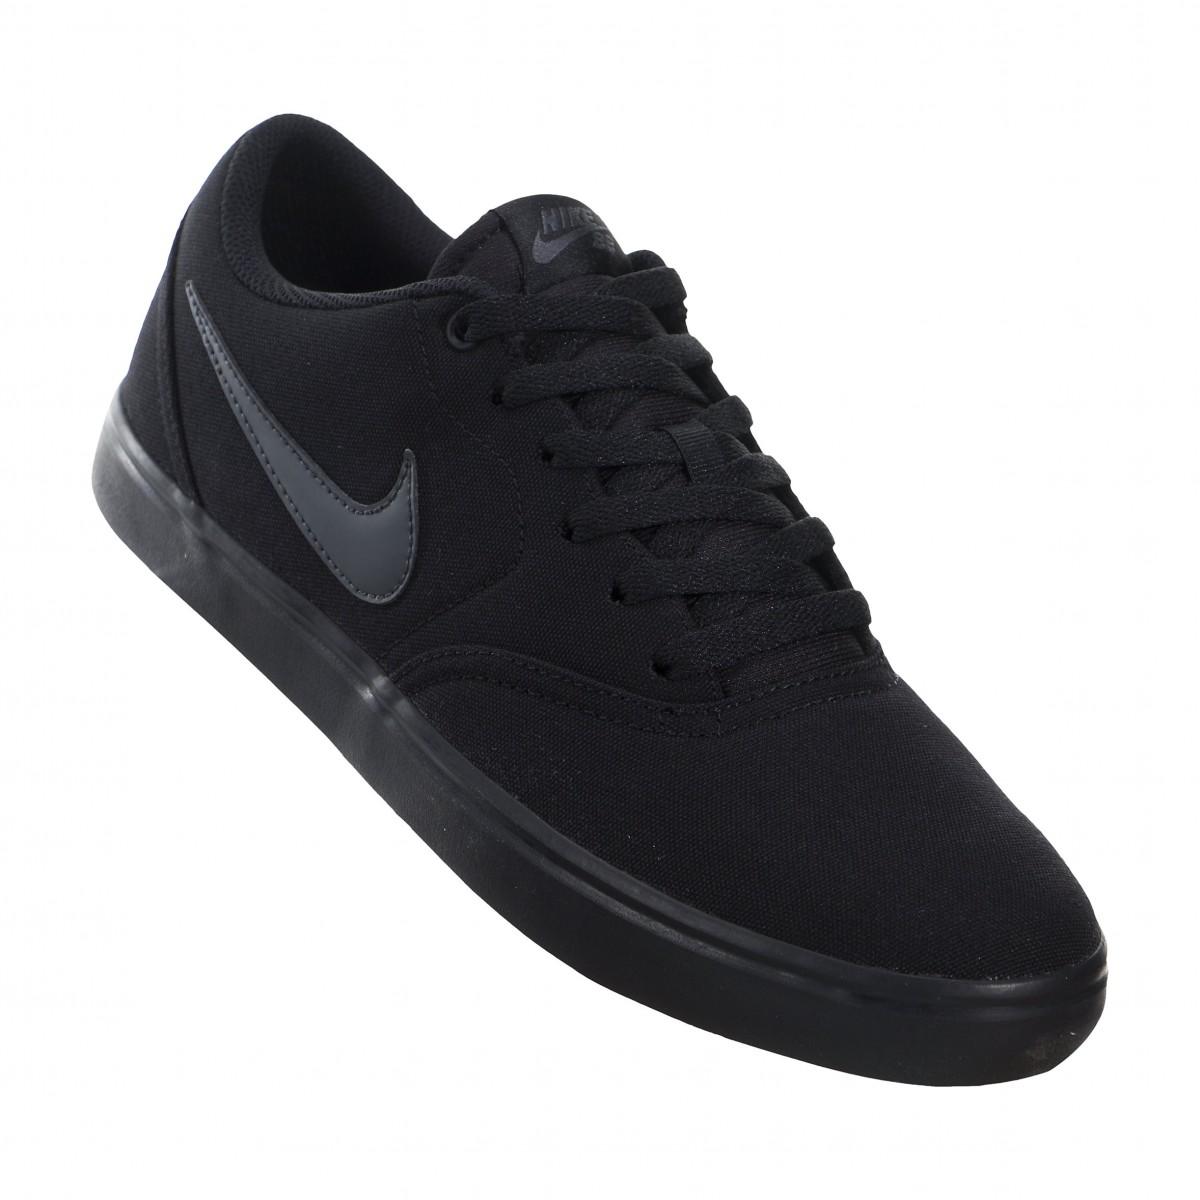 Tênis Nike SB Check Solar CNVS 843896-002 - Preto Preto - Botas ... 507f2d9bd85d0